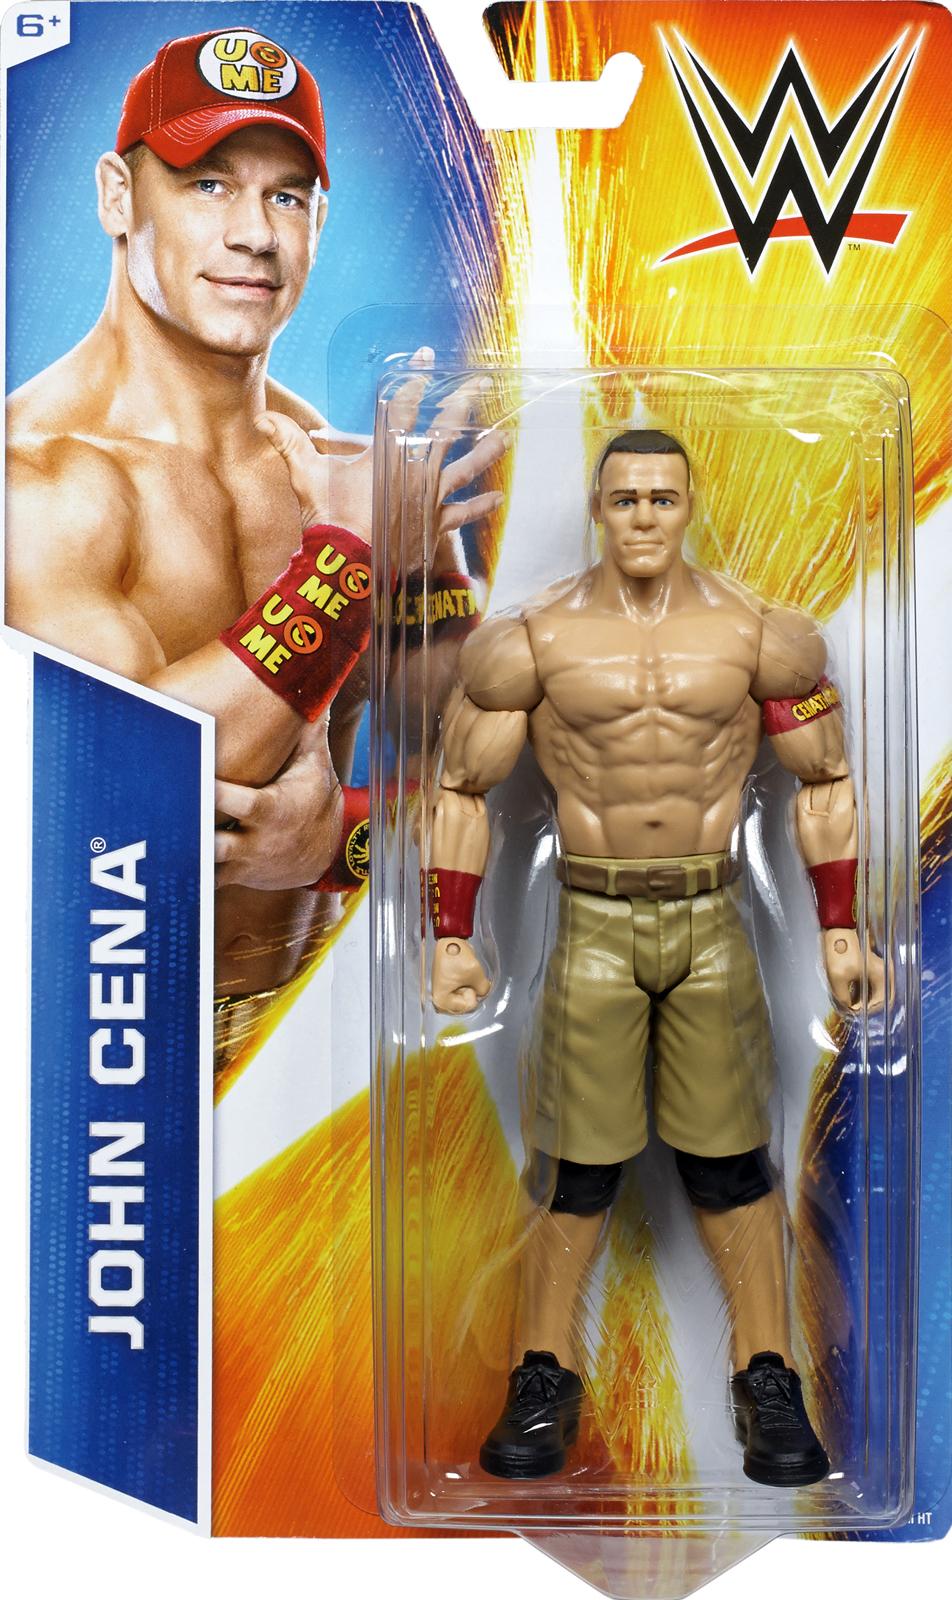 WWE John Cena - WWE Signature Series 2014 Toy Wrestling Action Figure PartNumber: 004V007540154000P KsnValue: 004V007540154000 MfgPartNumber: SIG14-02